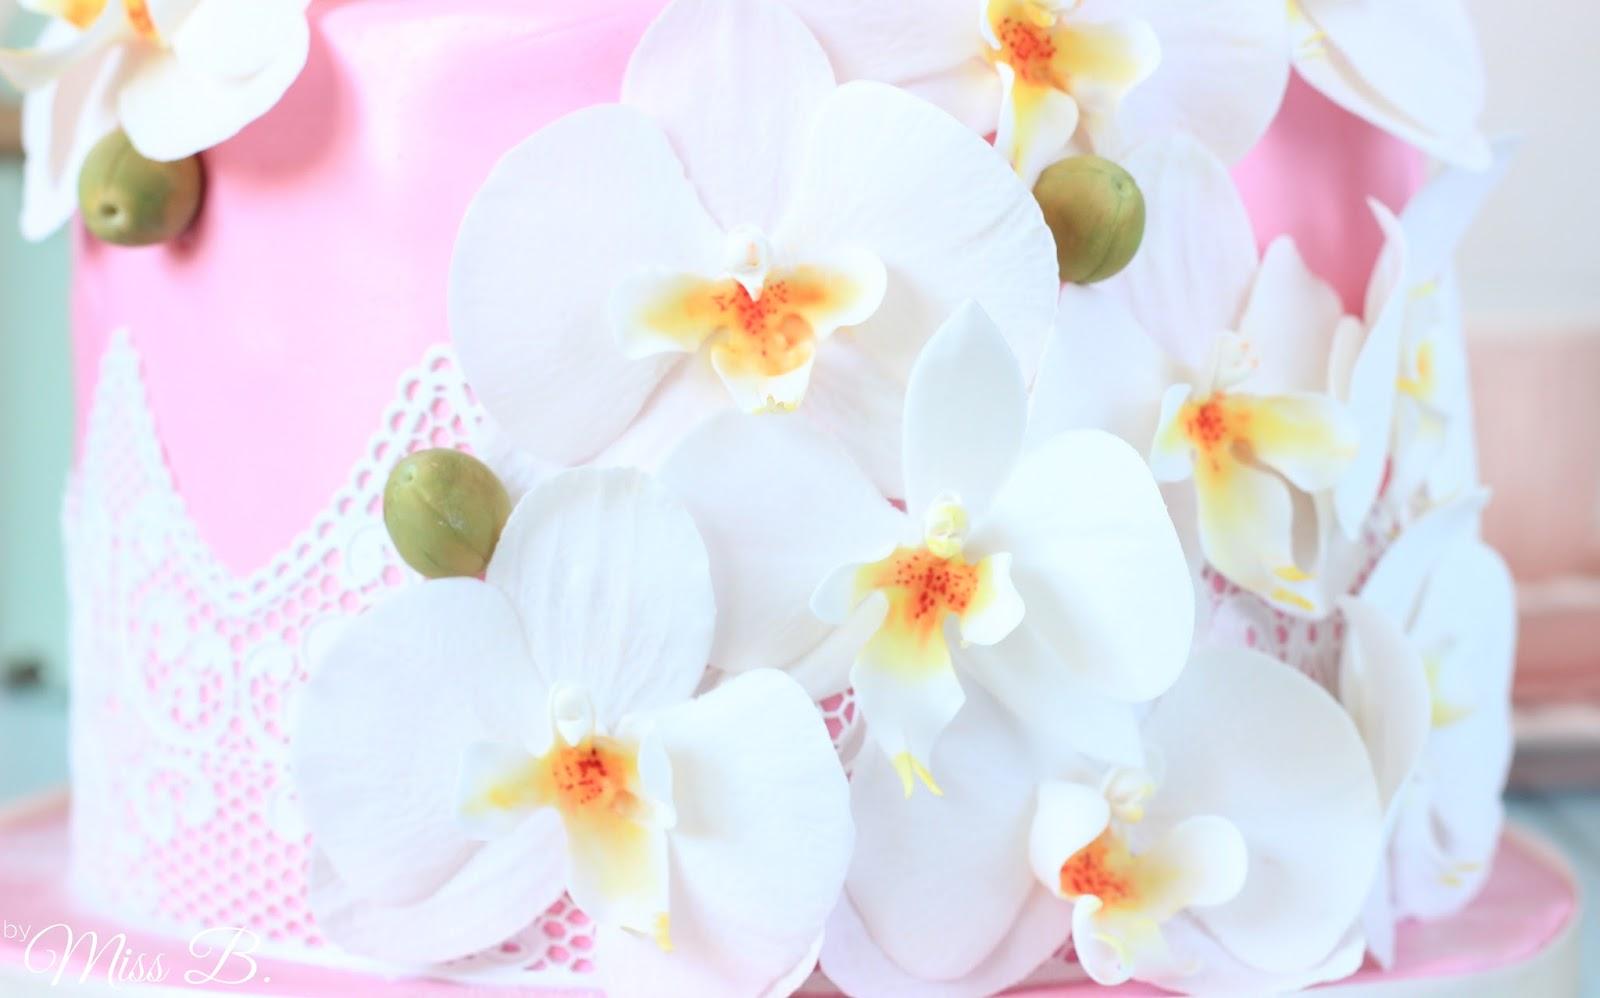 traumhaft sch ne zweist ckige orchideen torte teil 2 dekorieren miss blueberrymuffin. Black Bedroom Furniture Sets. Home Design Ideas